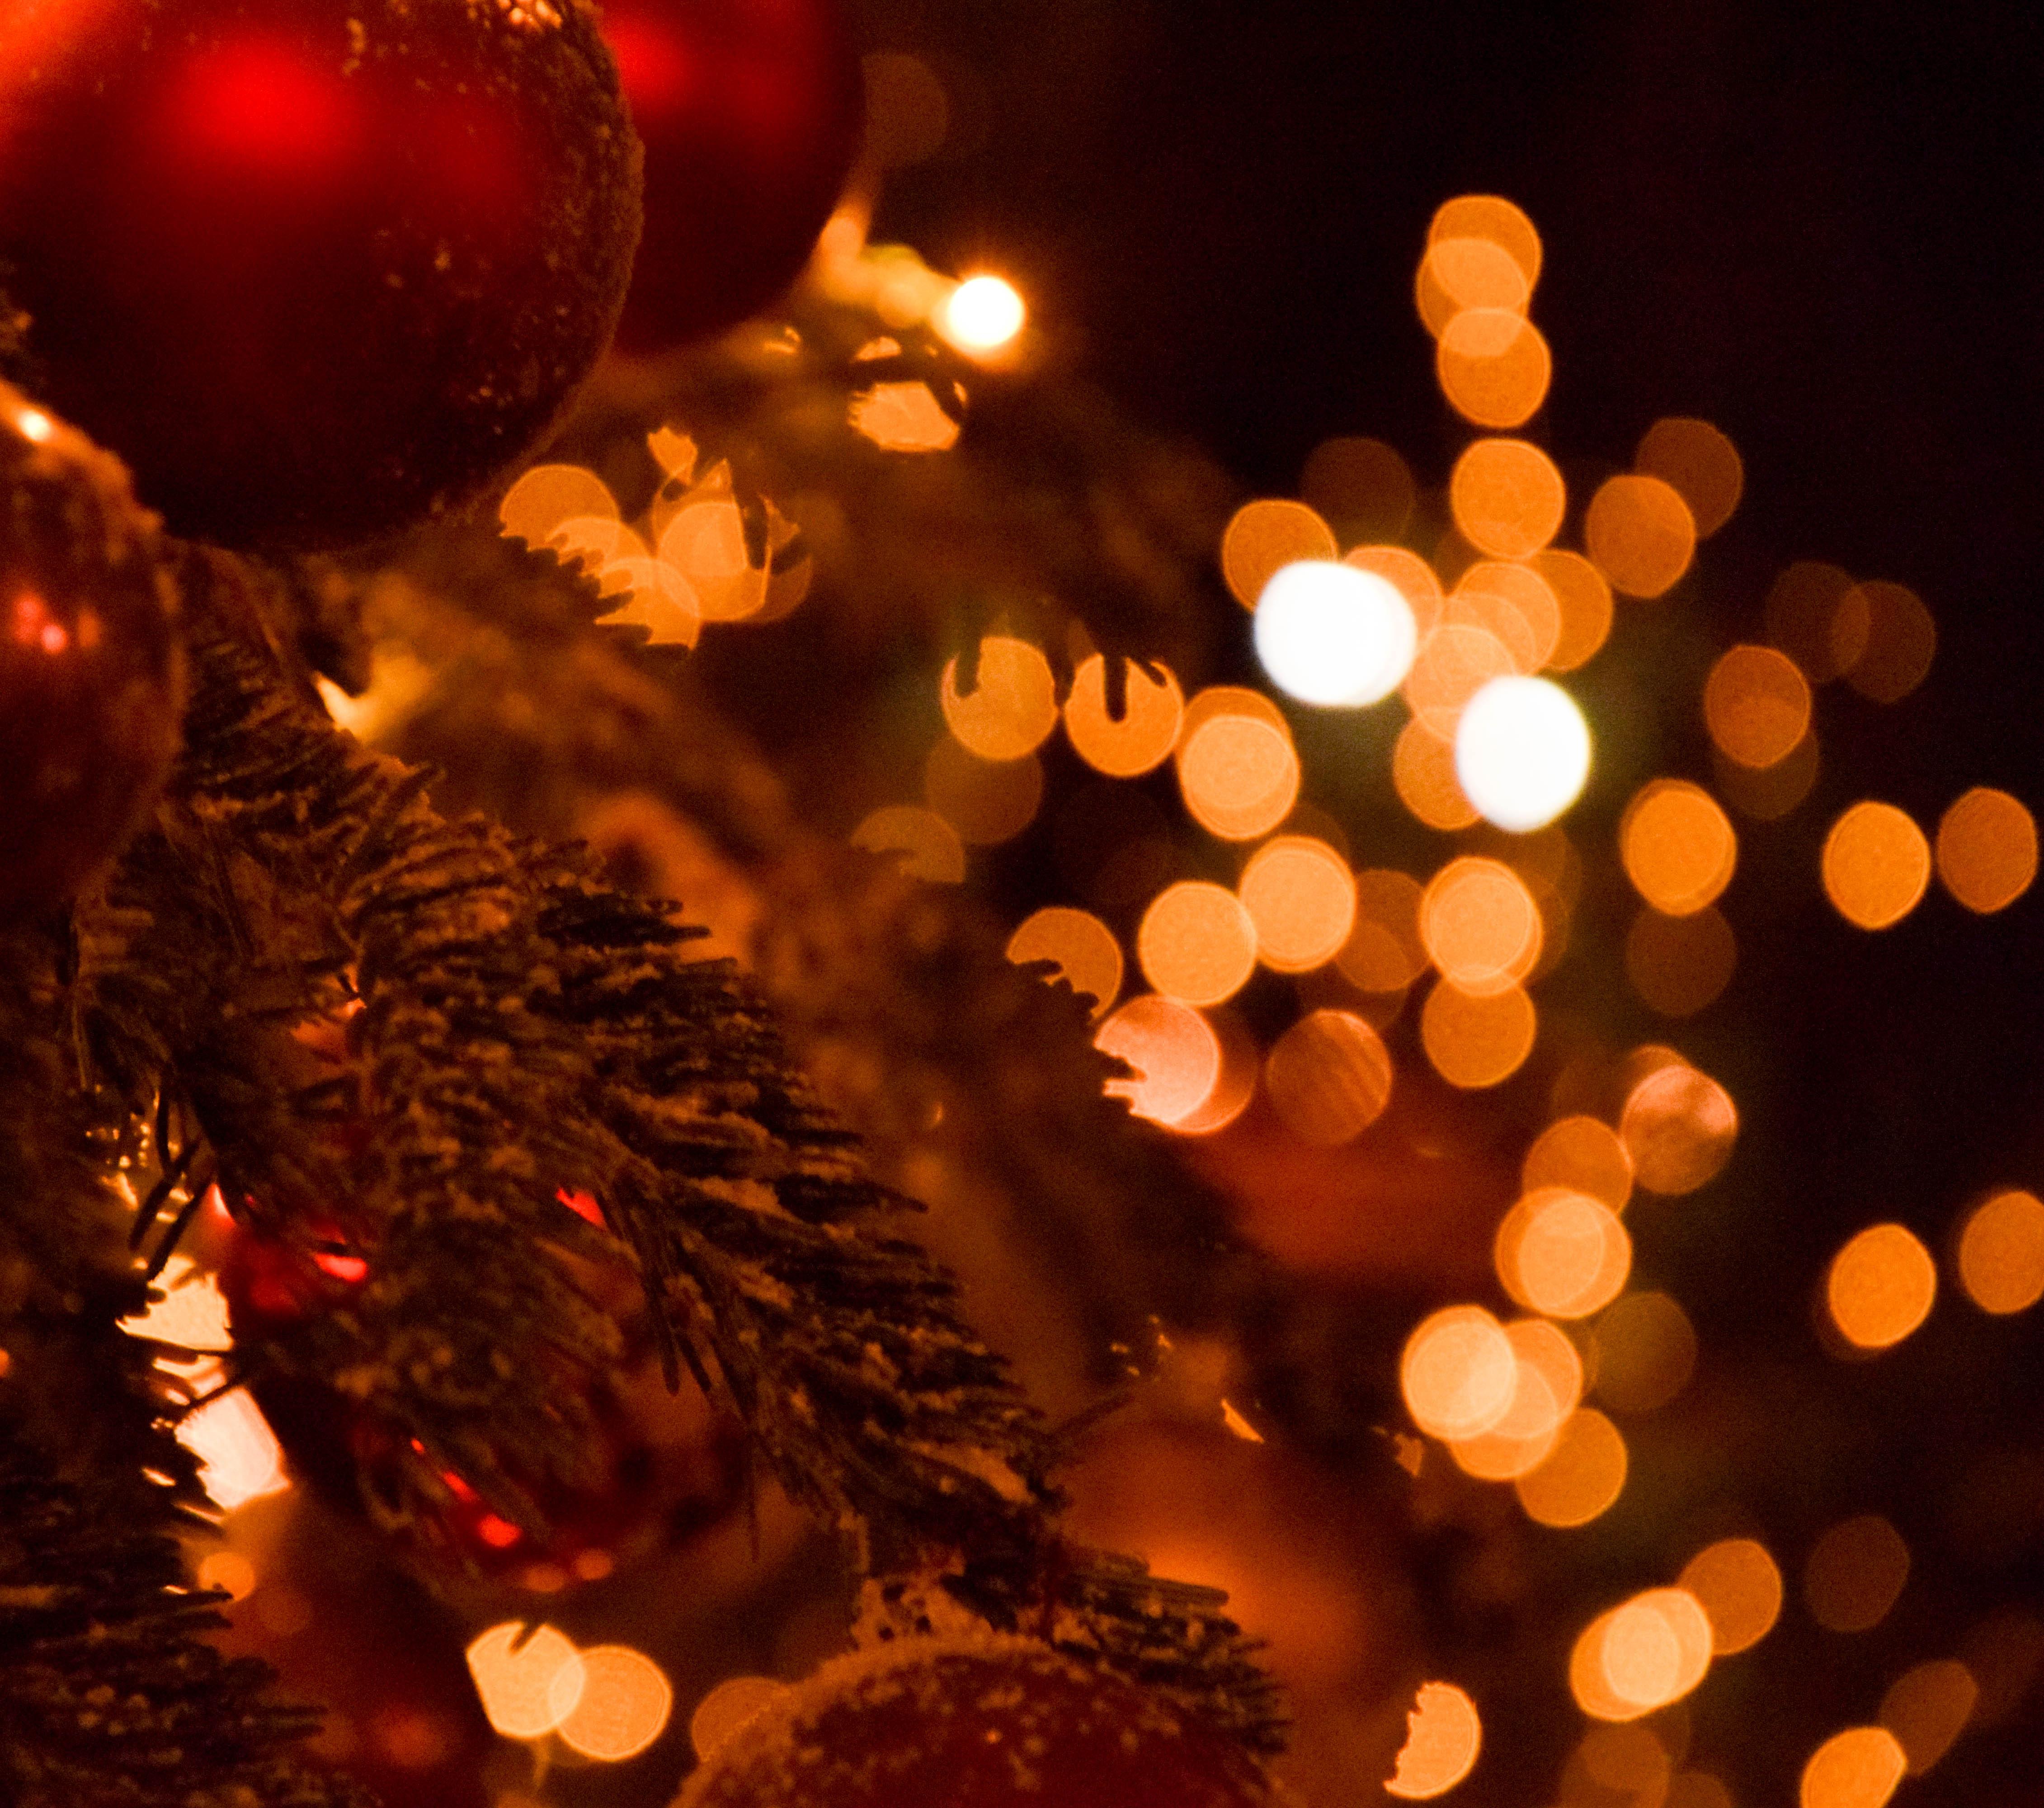 Wallpaper Contrast Night Red Winter Branch Christmas Tree Bokeh Holiday Christmas Lights Denmark Copenhagen Light Color Tree Outdoor Xmas Lighting December Vinter Ljus Julgran Julgranskulor Christmasmarket Christmasdecoration